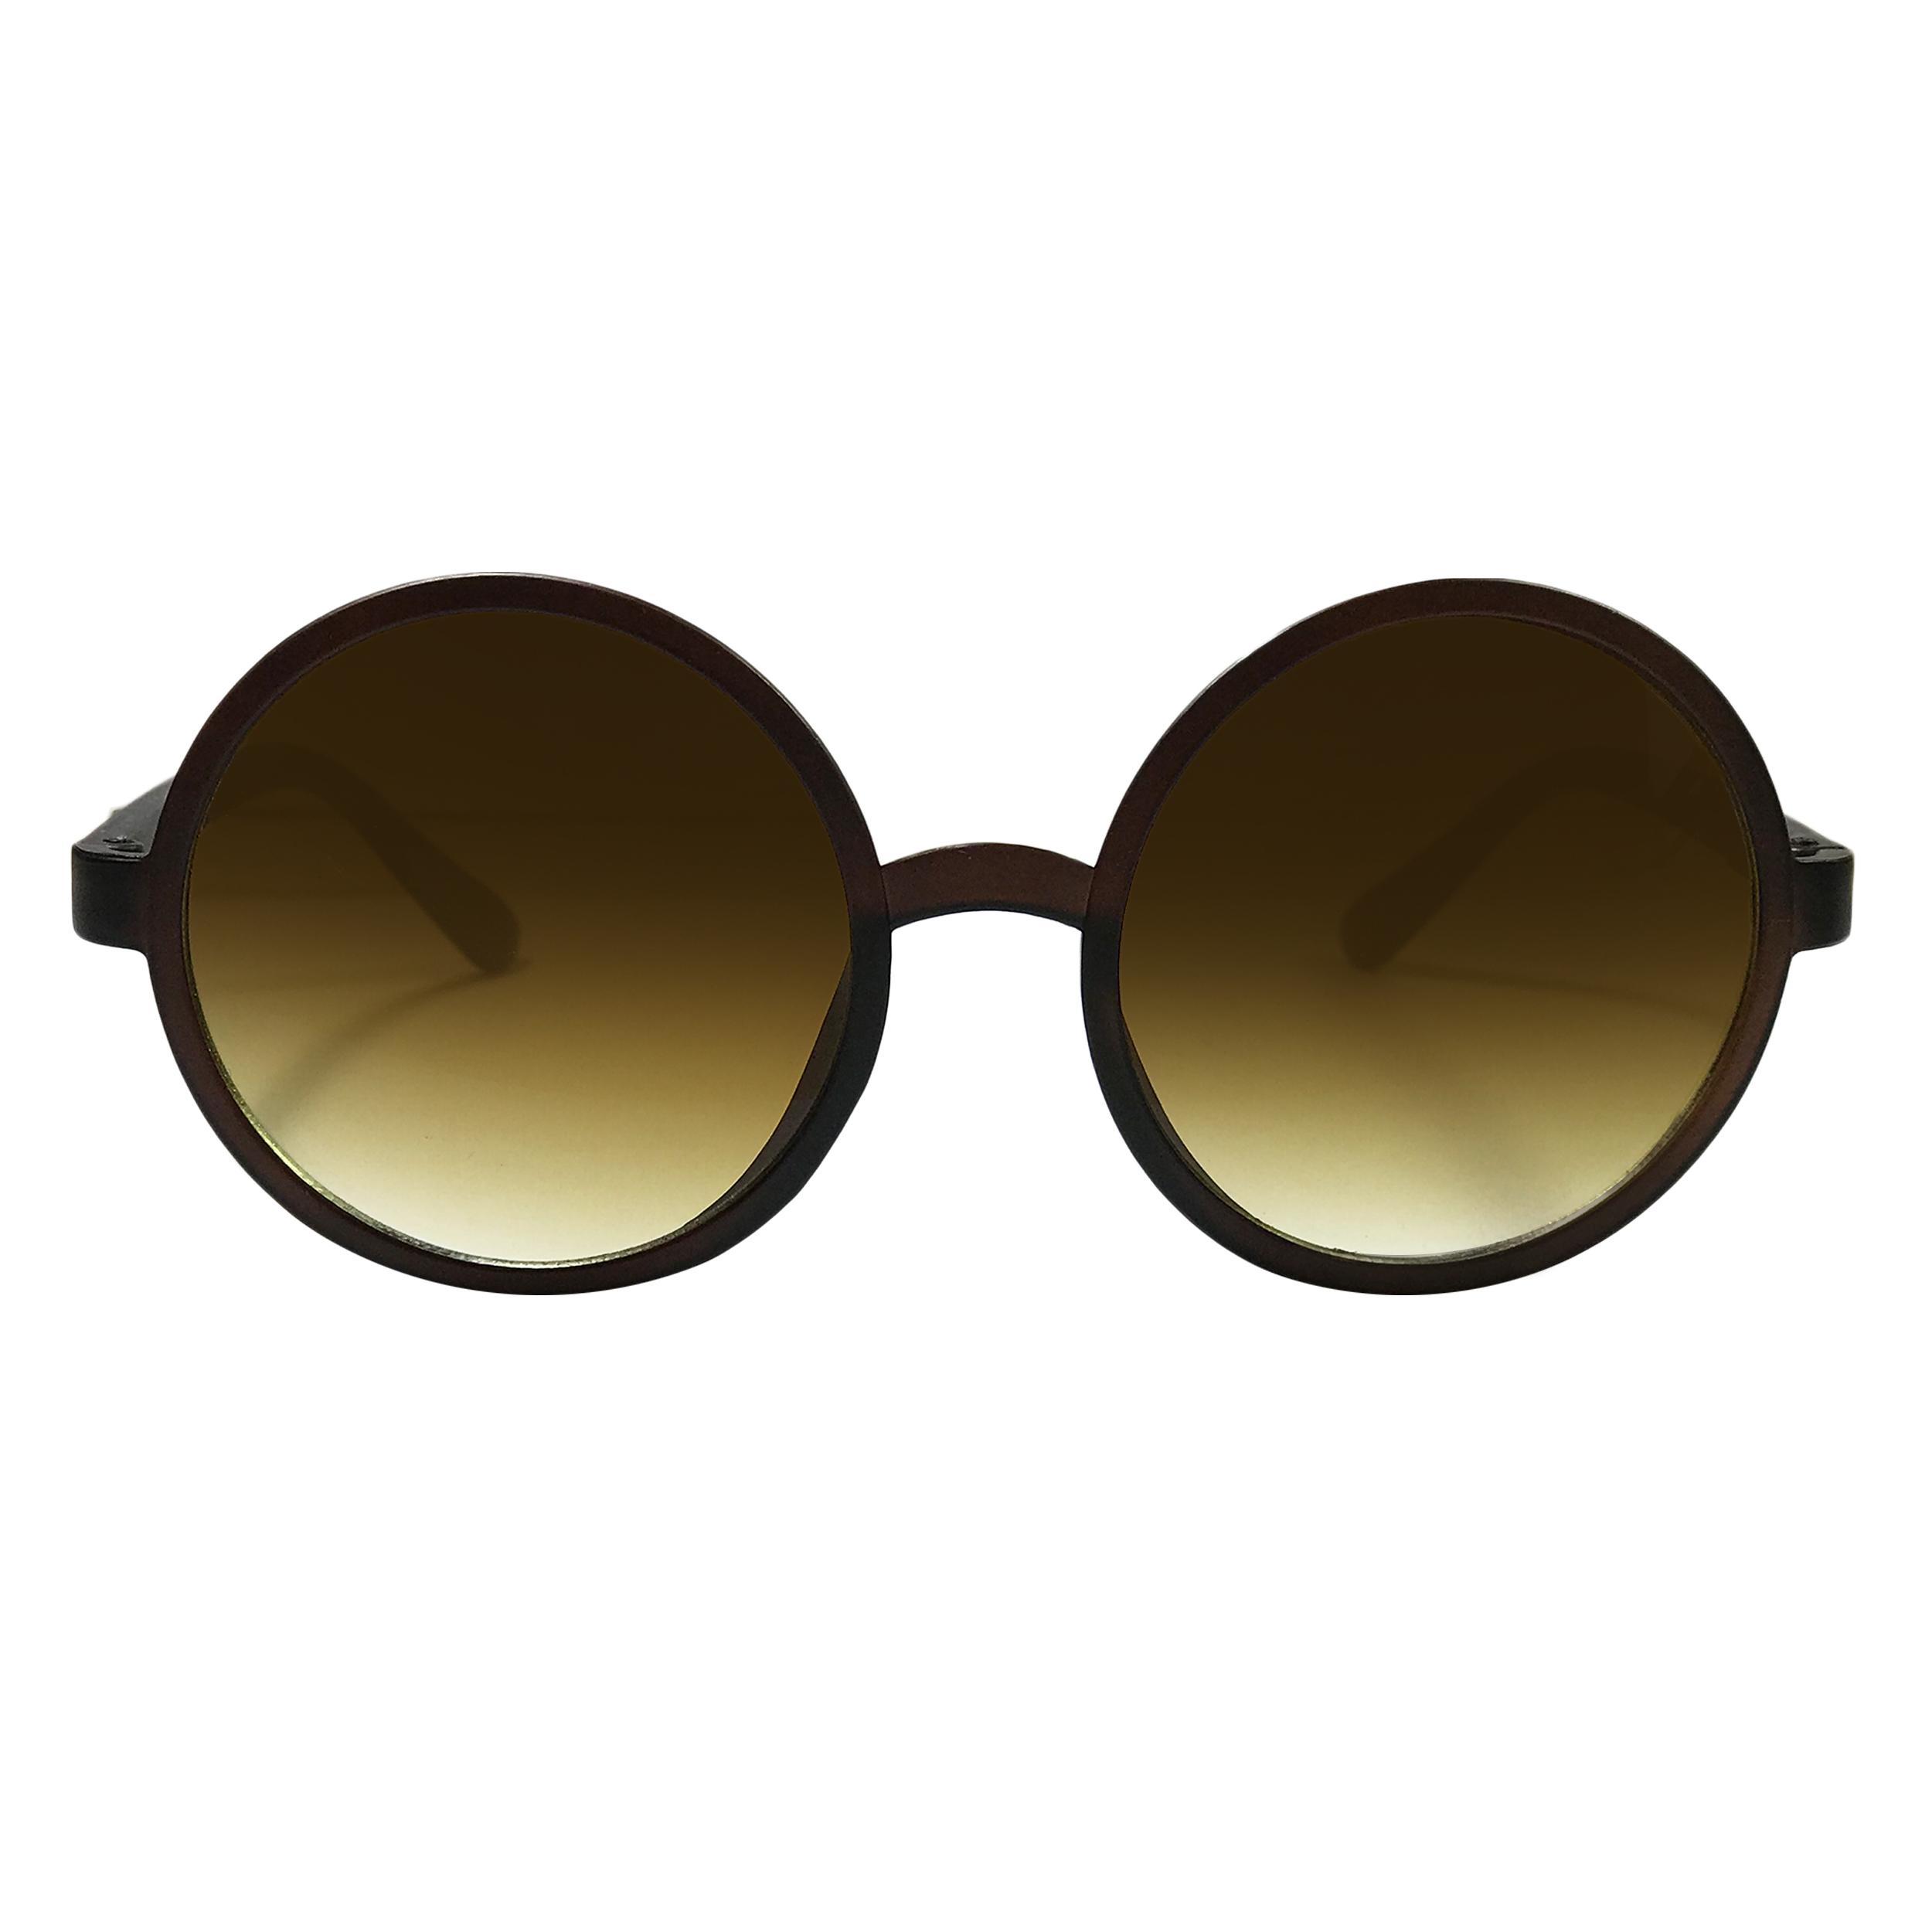 عینک آفتابی بچگانه مدل Supra کد B02